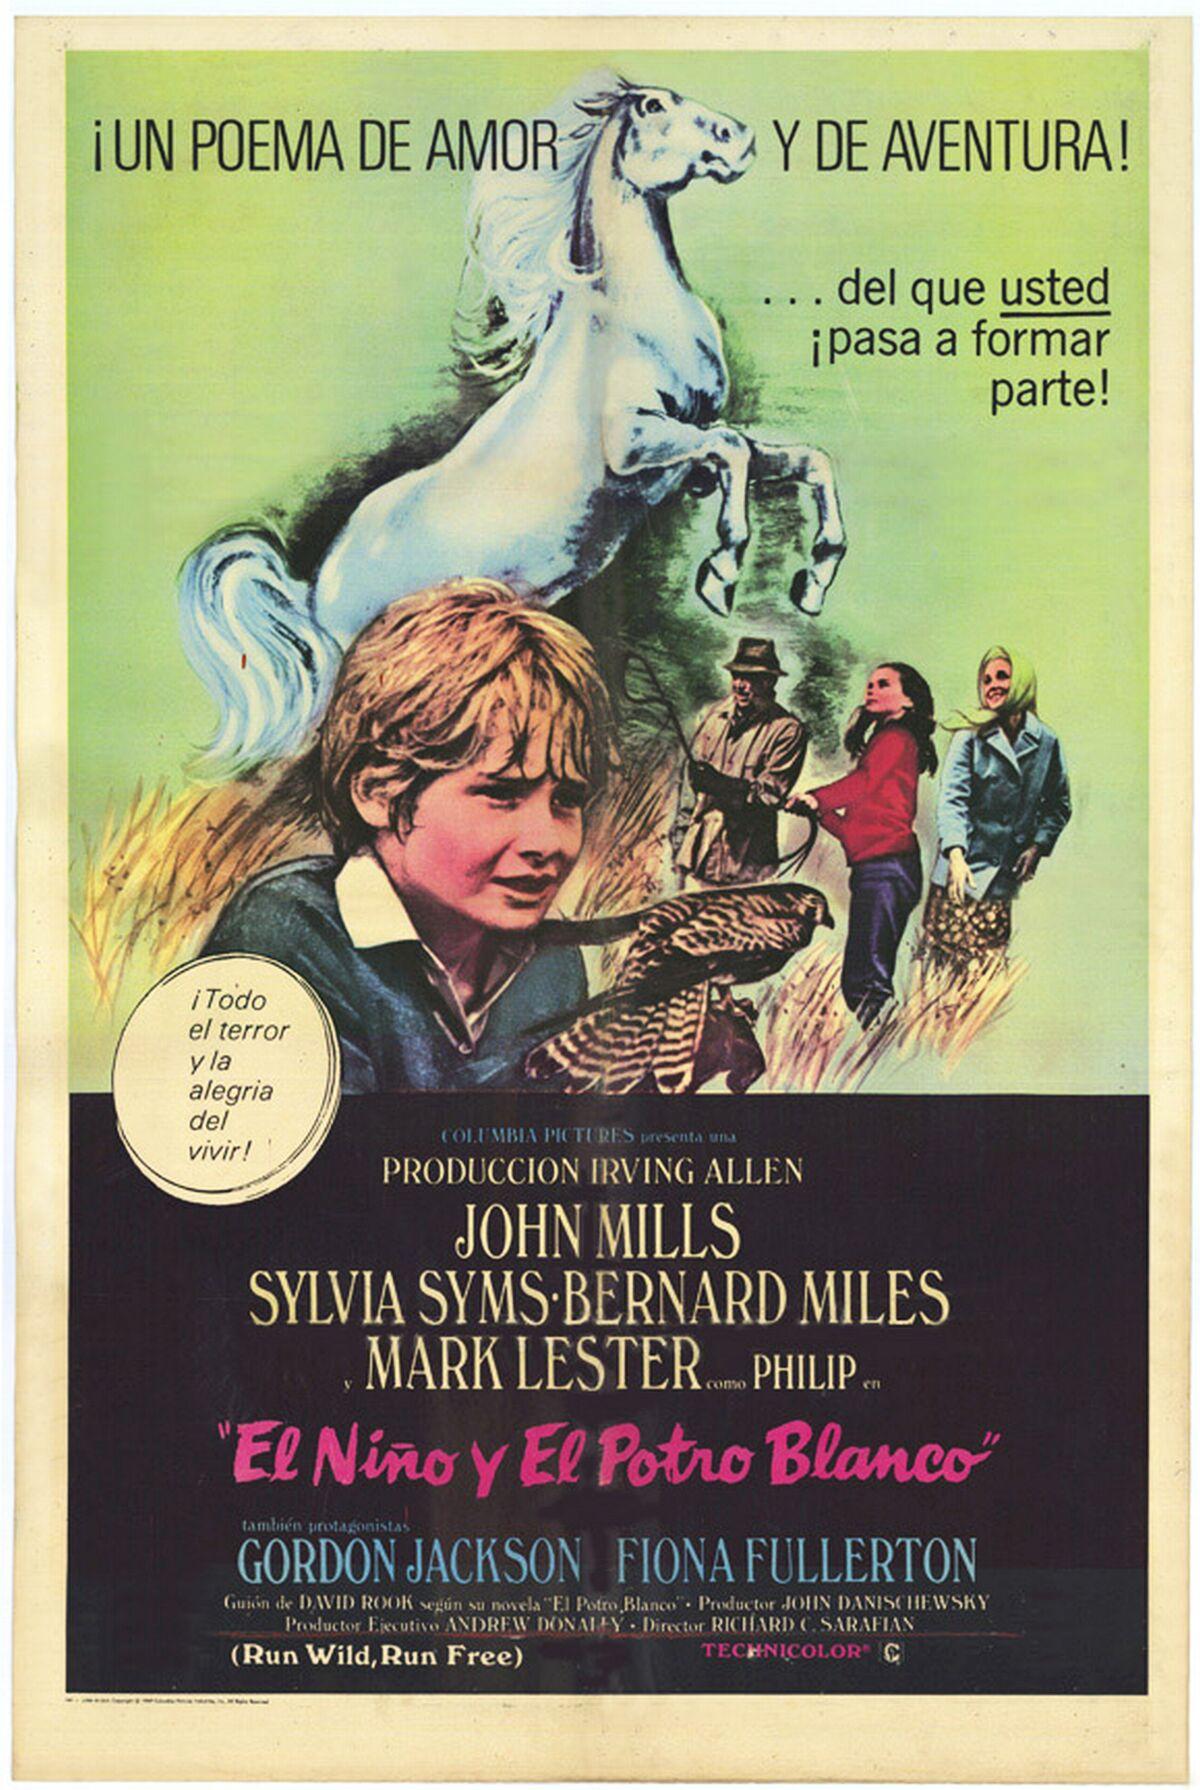 b7fa1cbb93e1 Una Pagina de Cine 1969 Salvaje y libre (ing) (arg).jpg